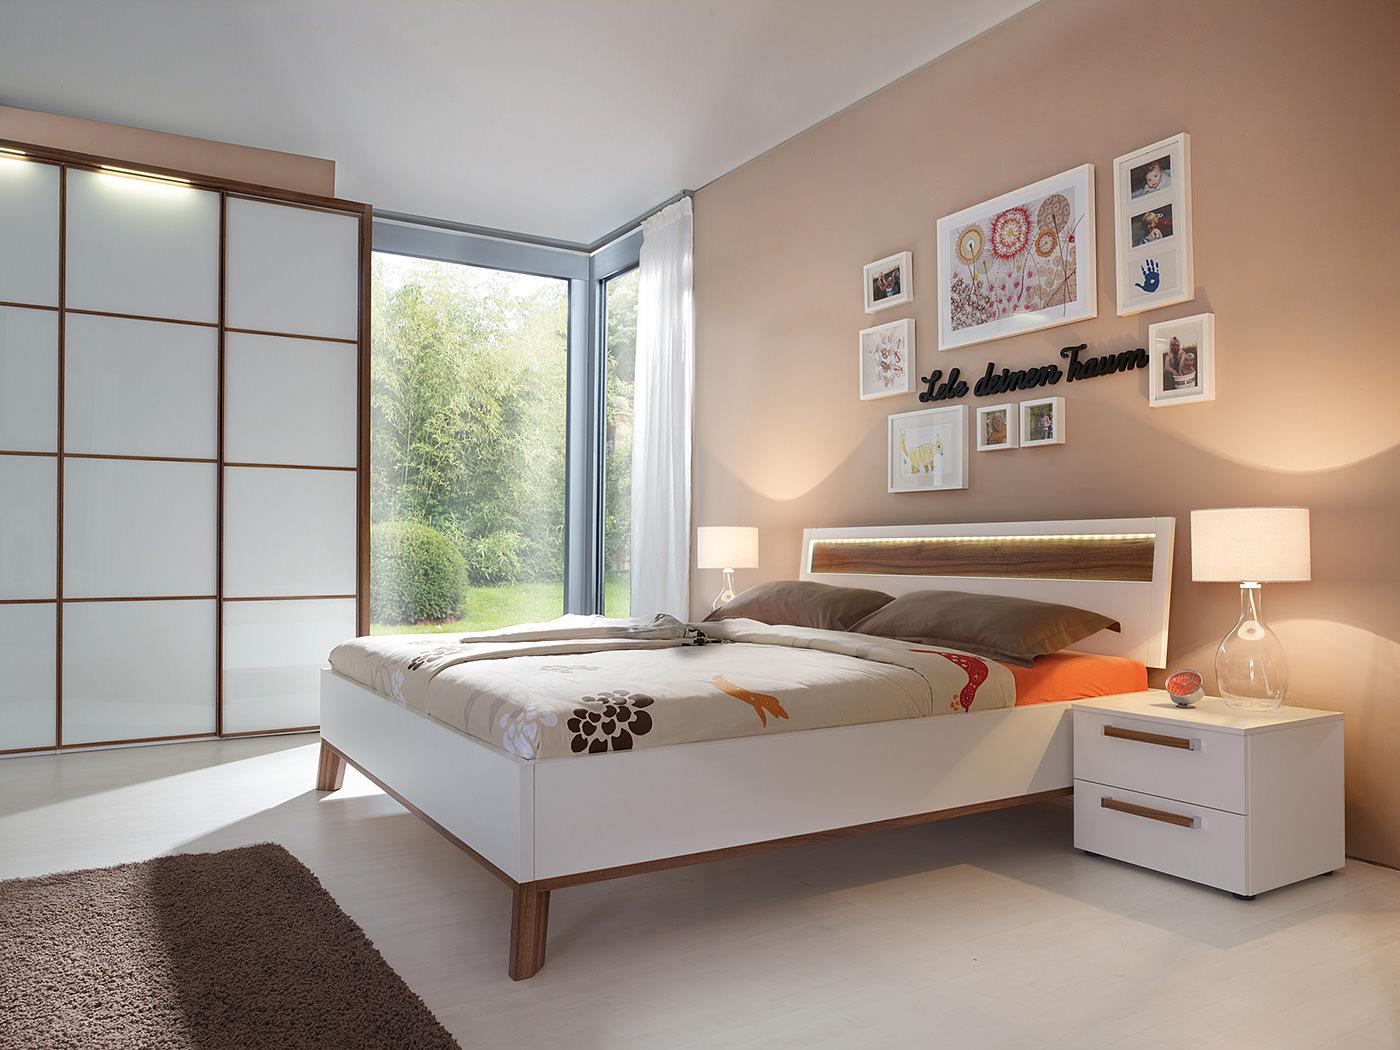 Maßgefertigte Schlafzimmer-Möbel